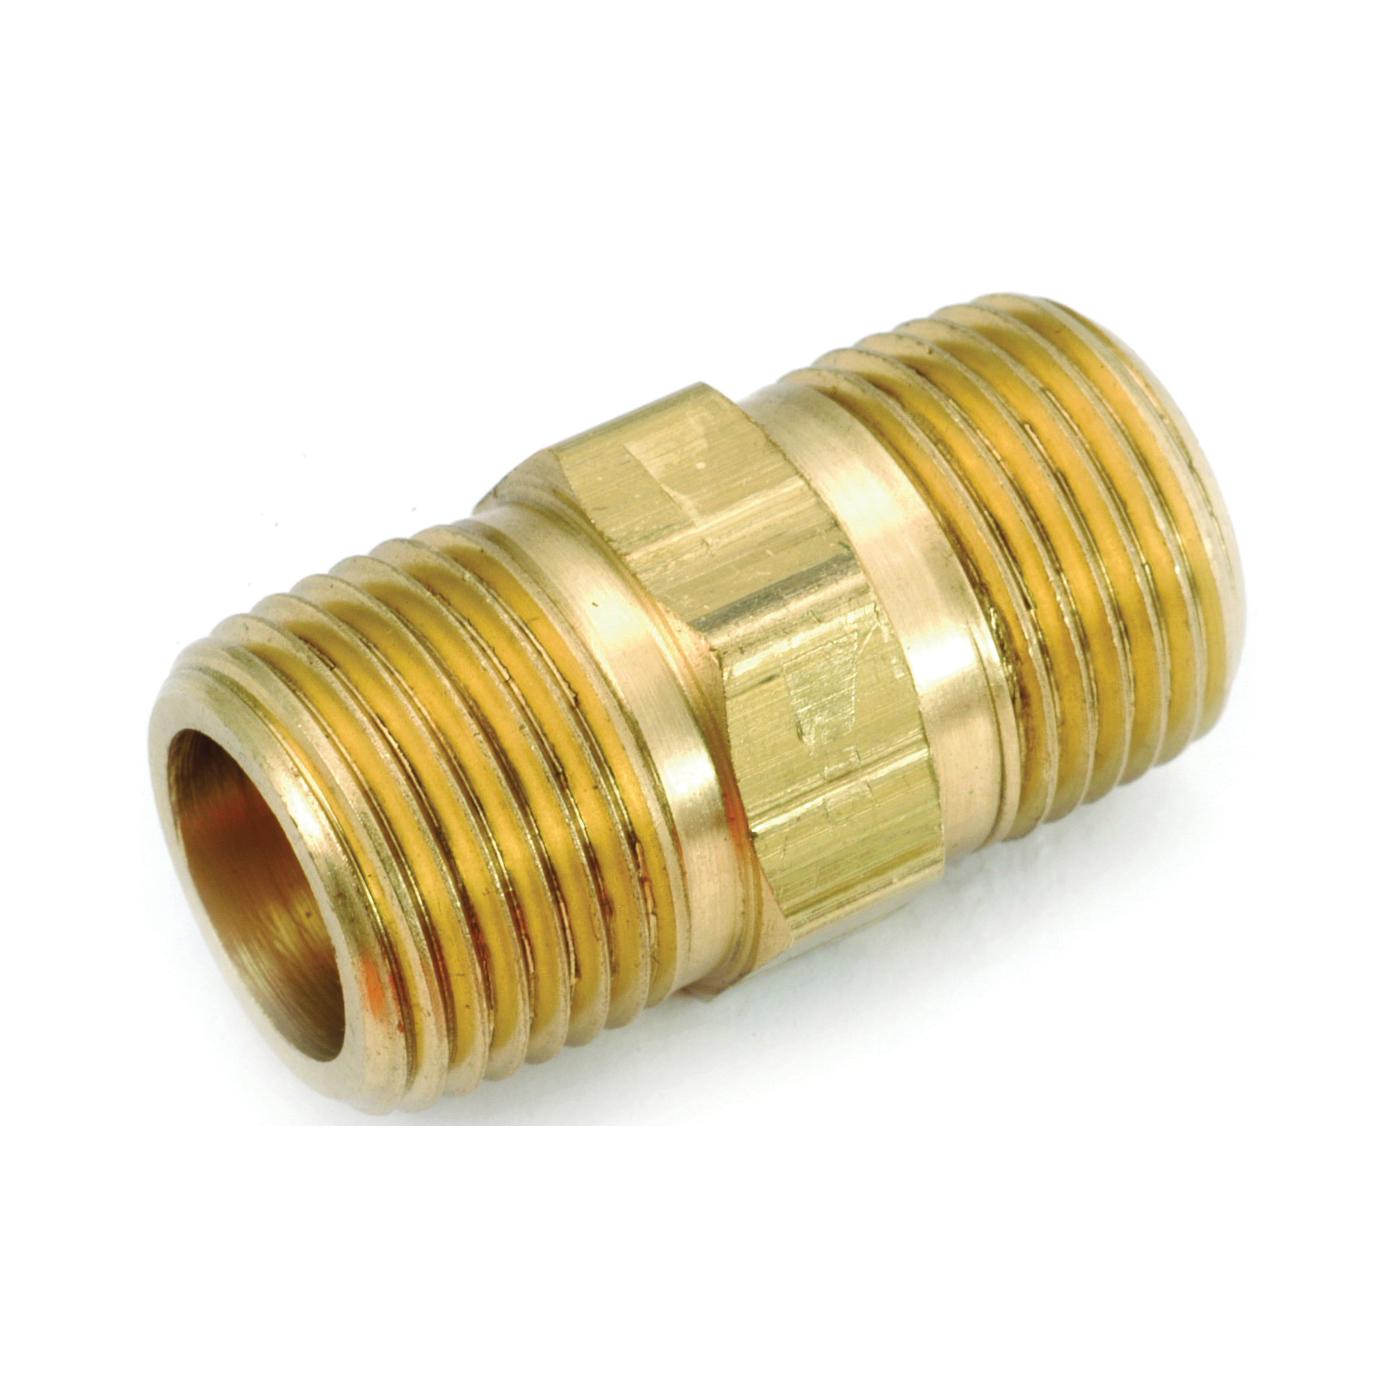 Anderson Metals 756122-02